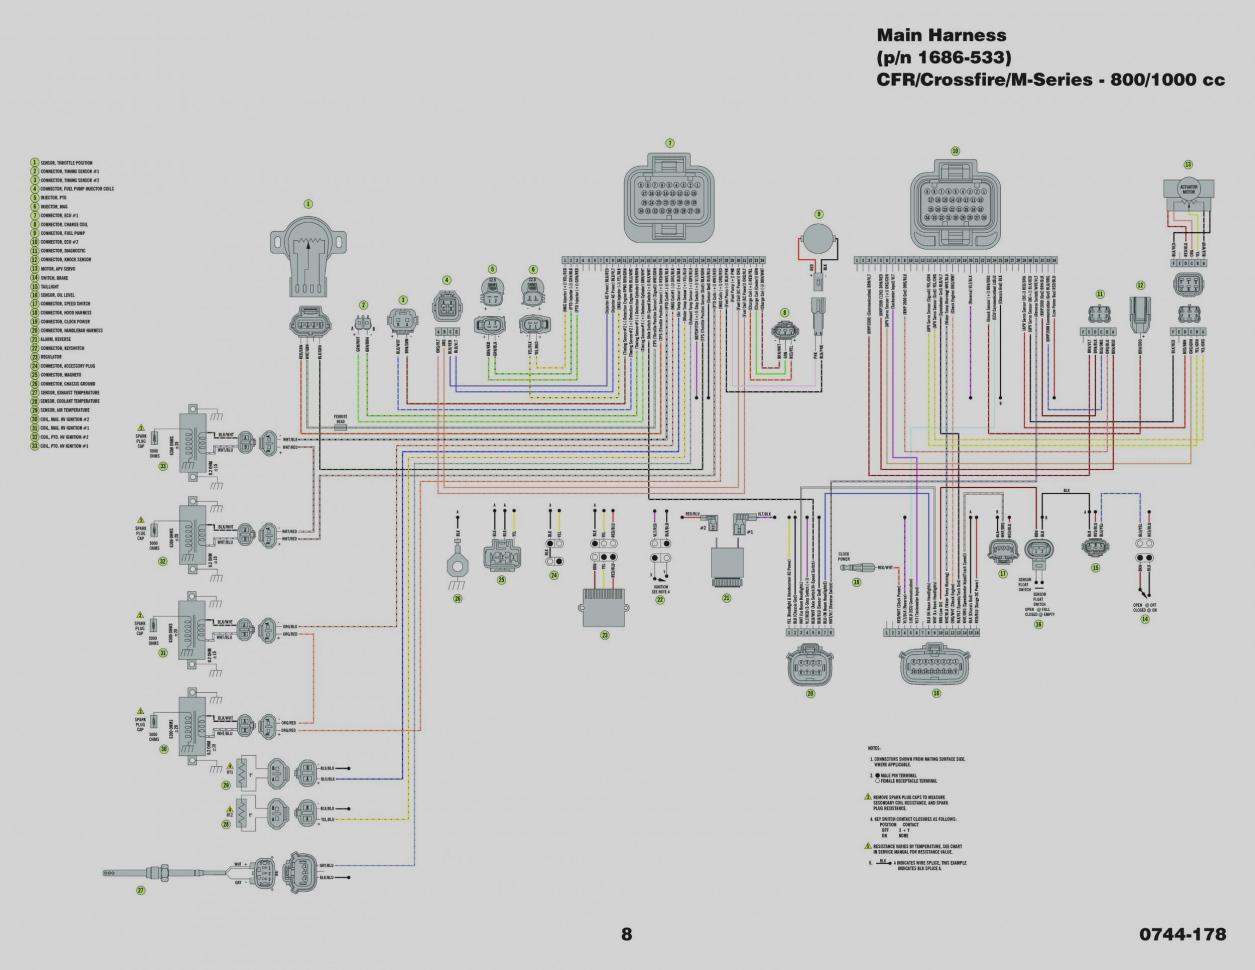 Wiring Diagram For Polaris Ranger 800 Xp - Wiring Diagrams Car Wash -  mazda3-sp23.tukune.jeanjaures37.frWiring Diagram Resource